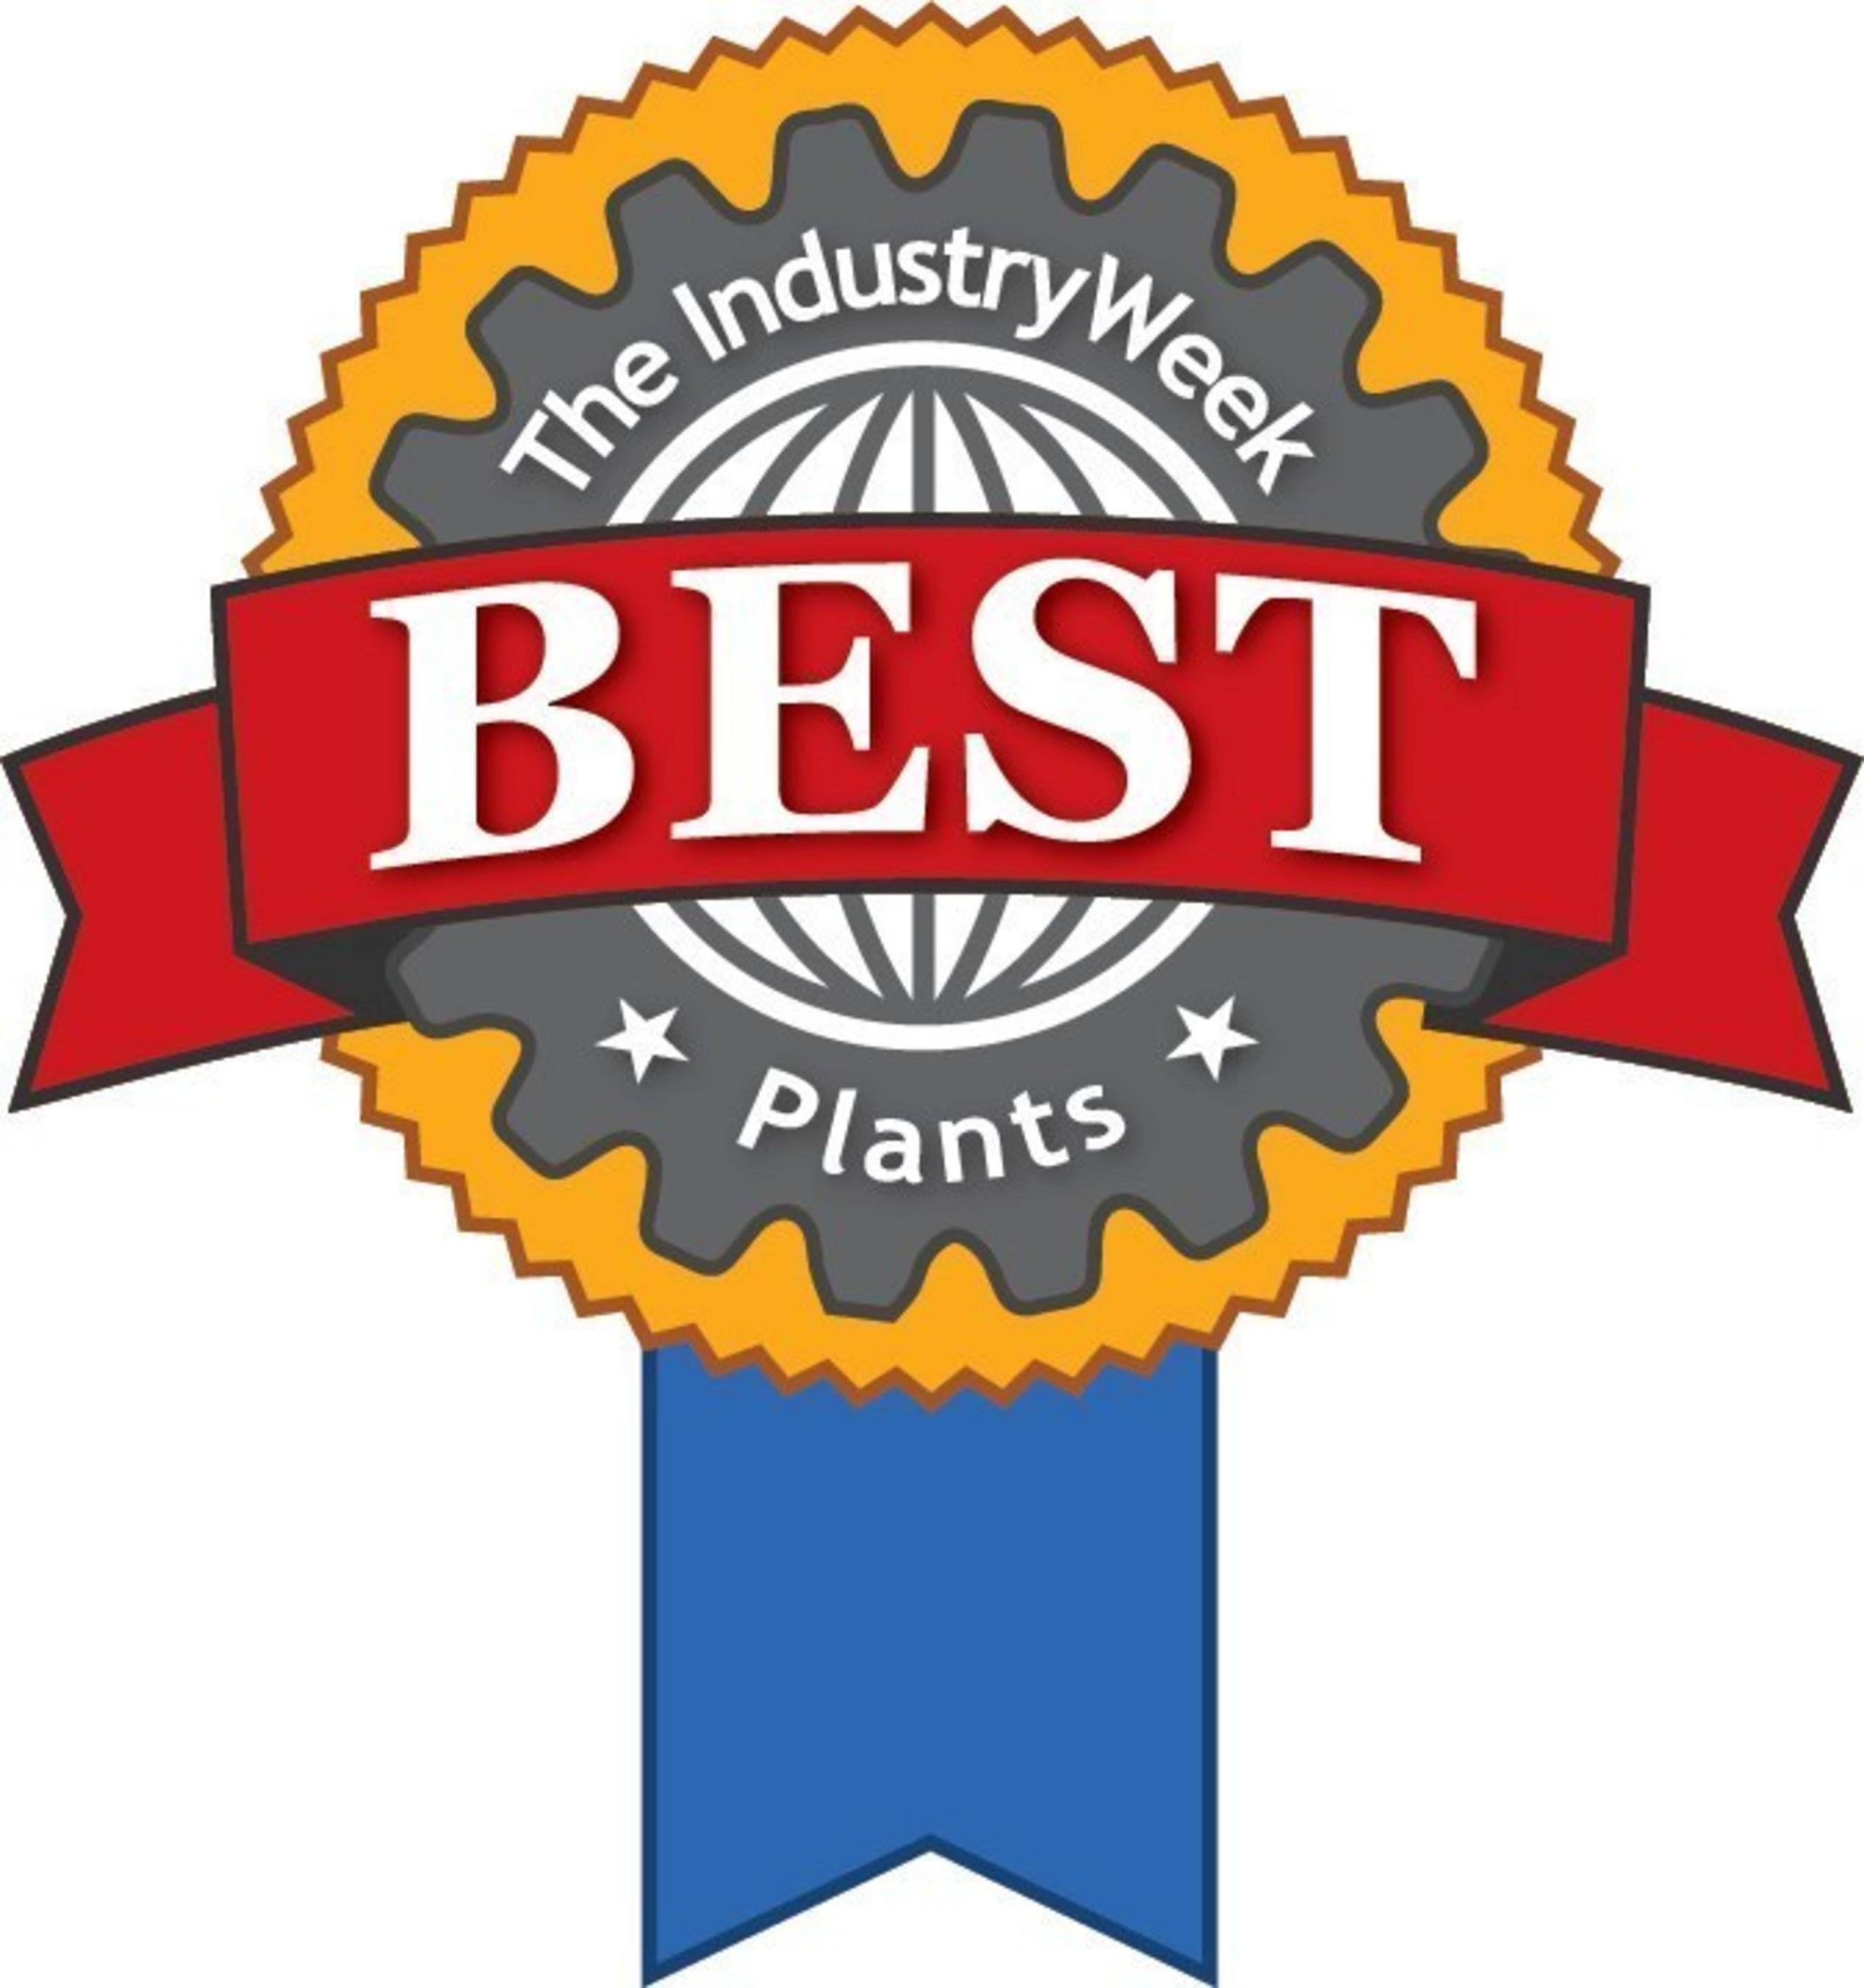 Penton's INDUSTRYWEEK Honors 8 Best Manufacturing Plants in North America